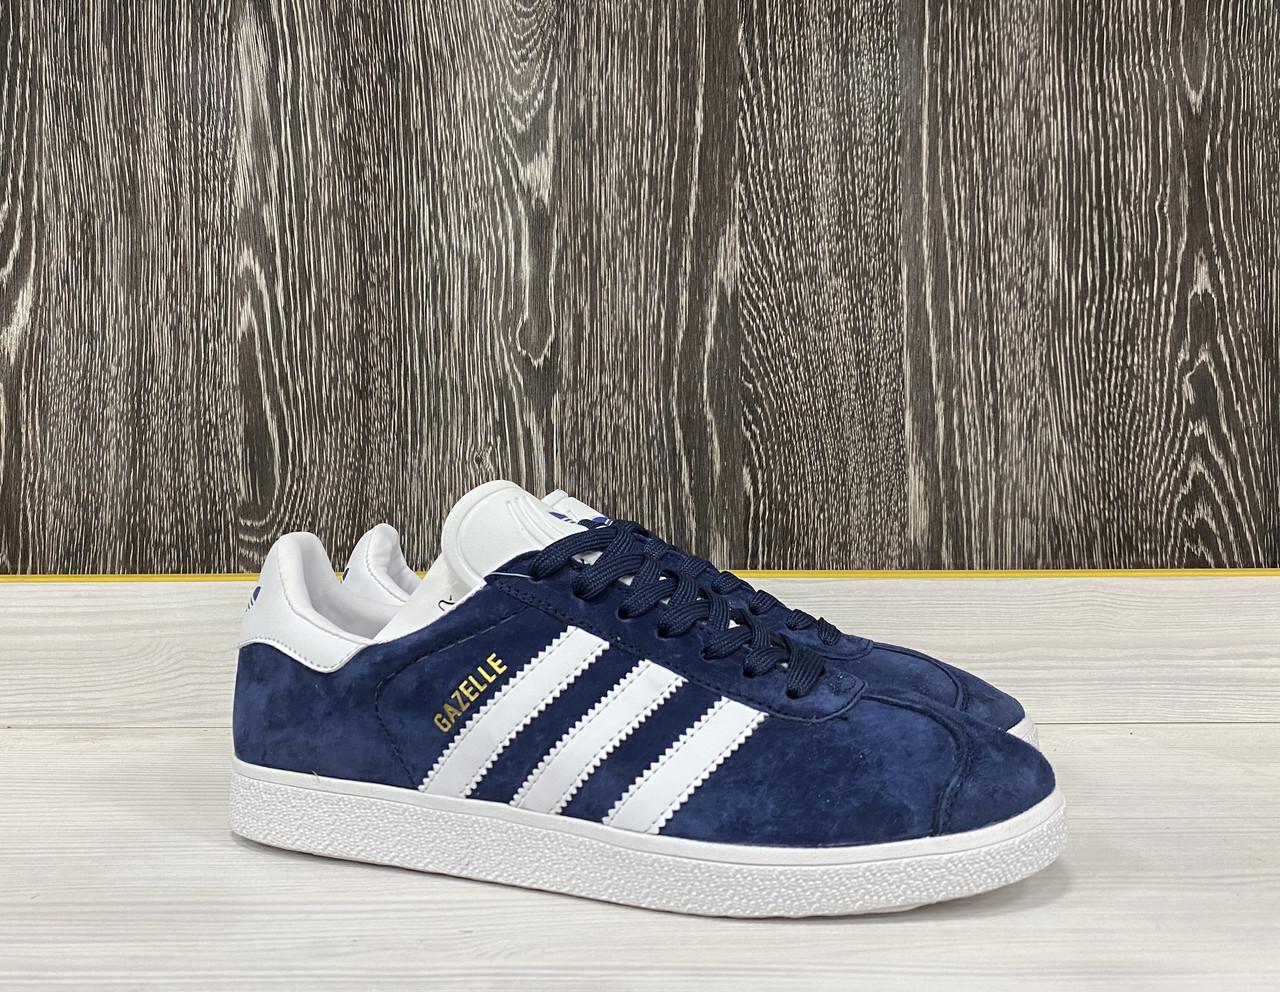 Кроссовки Adidas Gazelle(Dark Blue) - фото 3